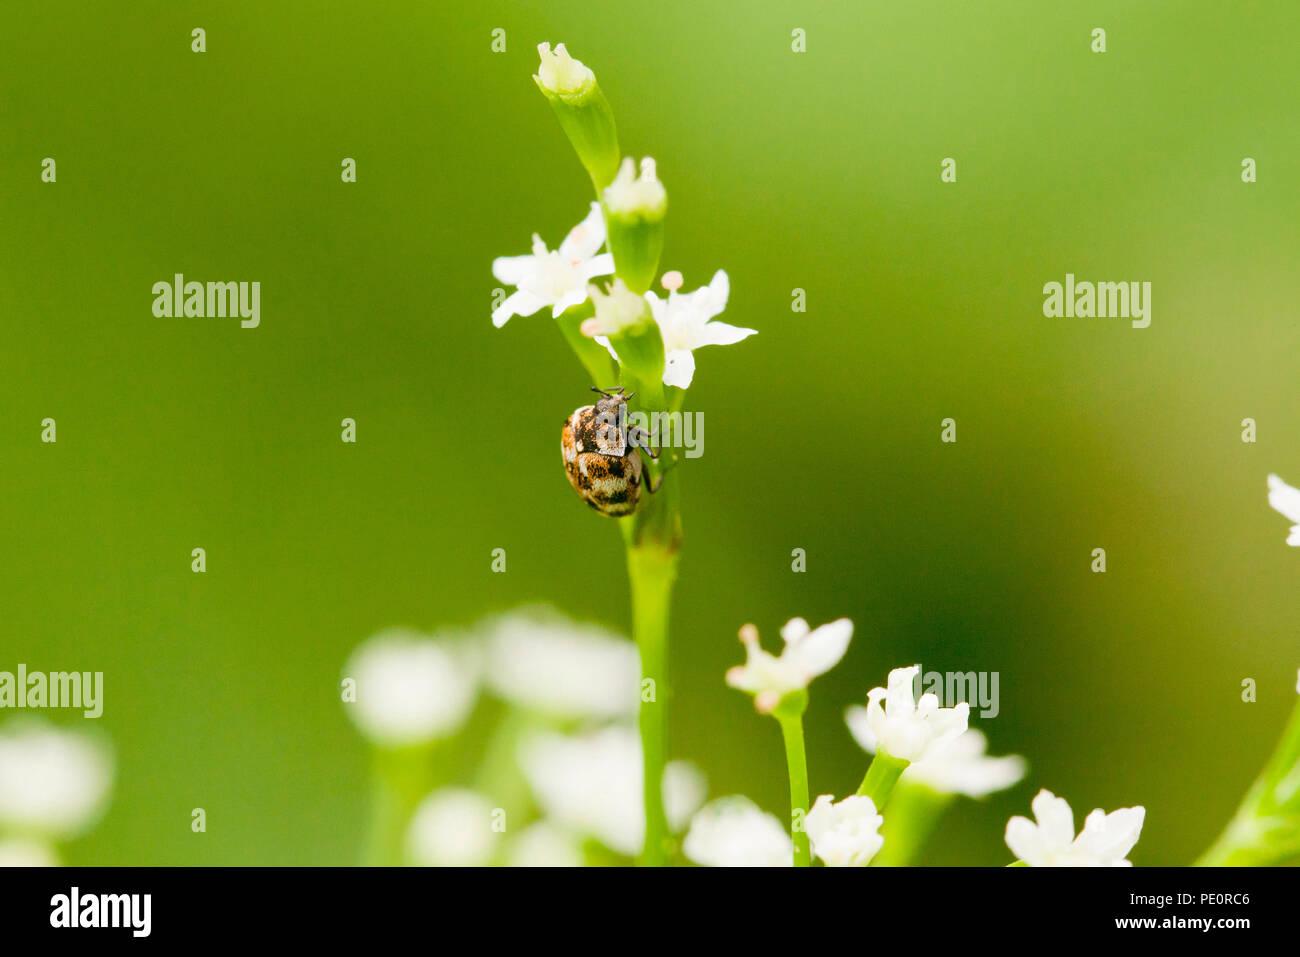 Varied Carpet beetle (Anthrenus verbasci) - USA - Stock Image